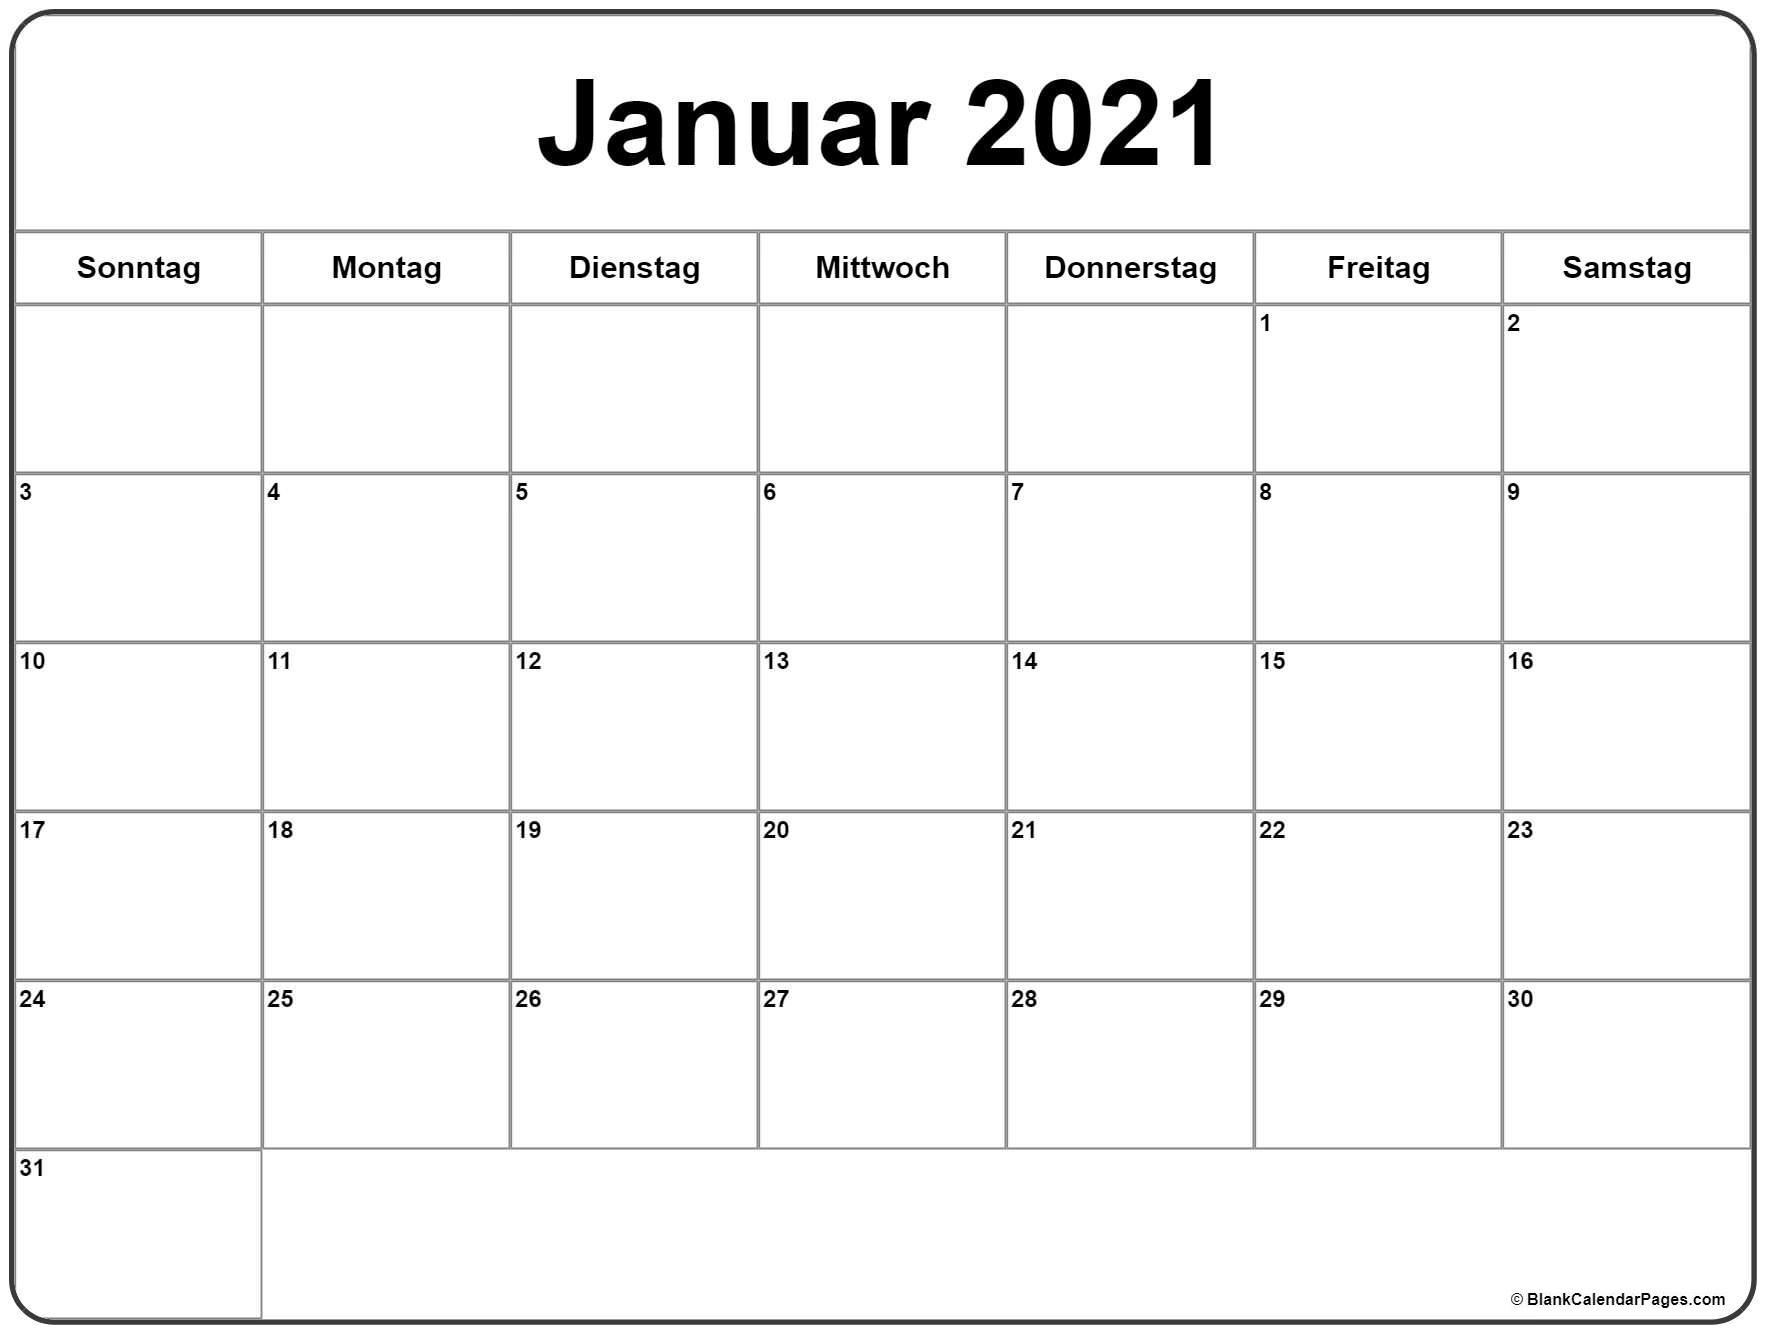 Collect Terminkalender 2021 Zum Ausdrucken